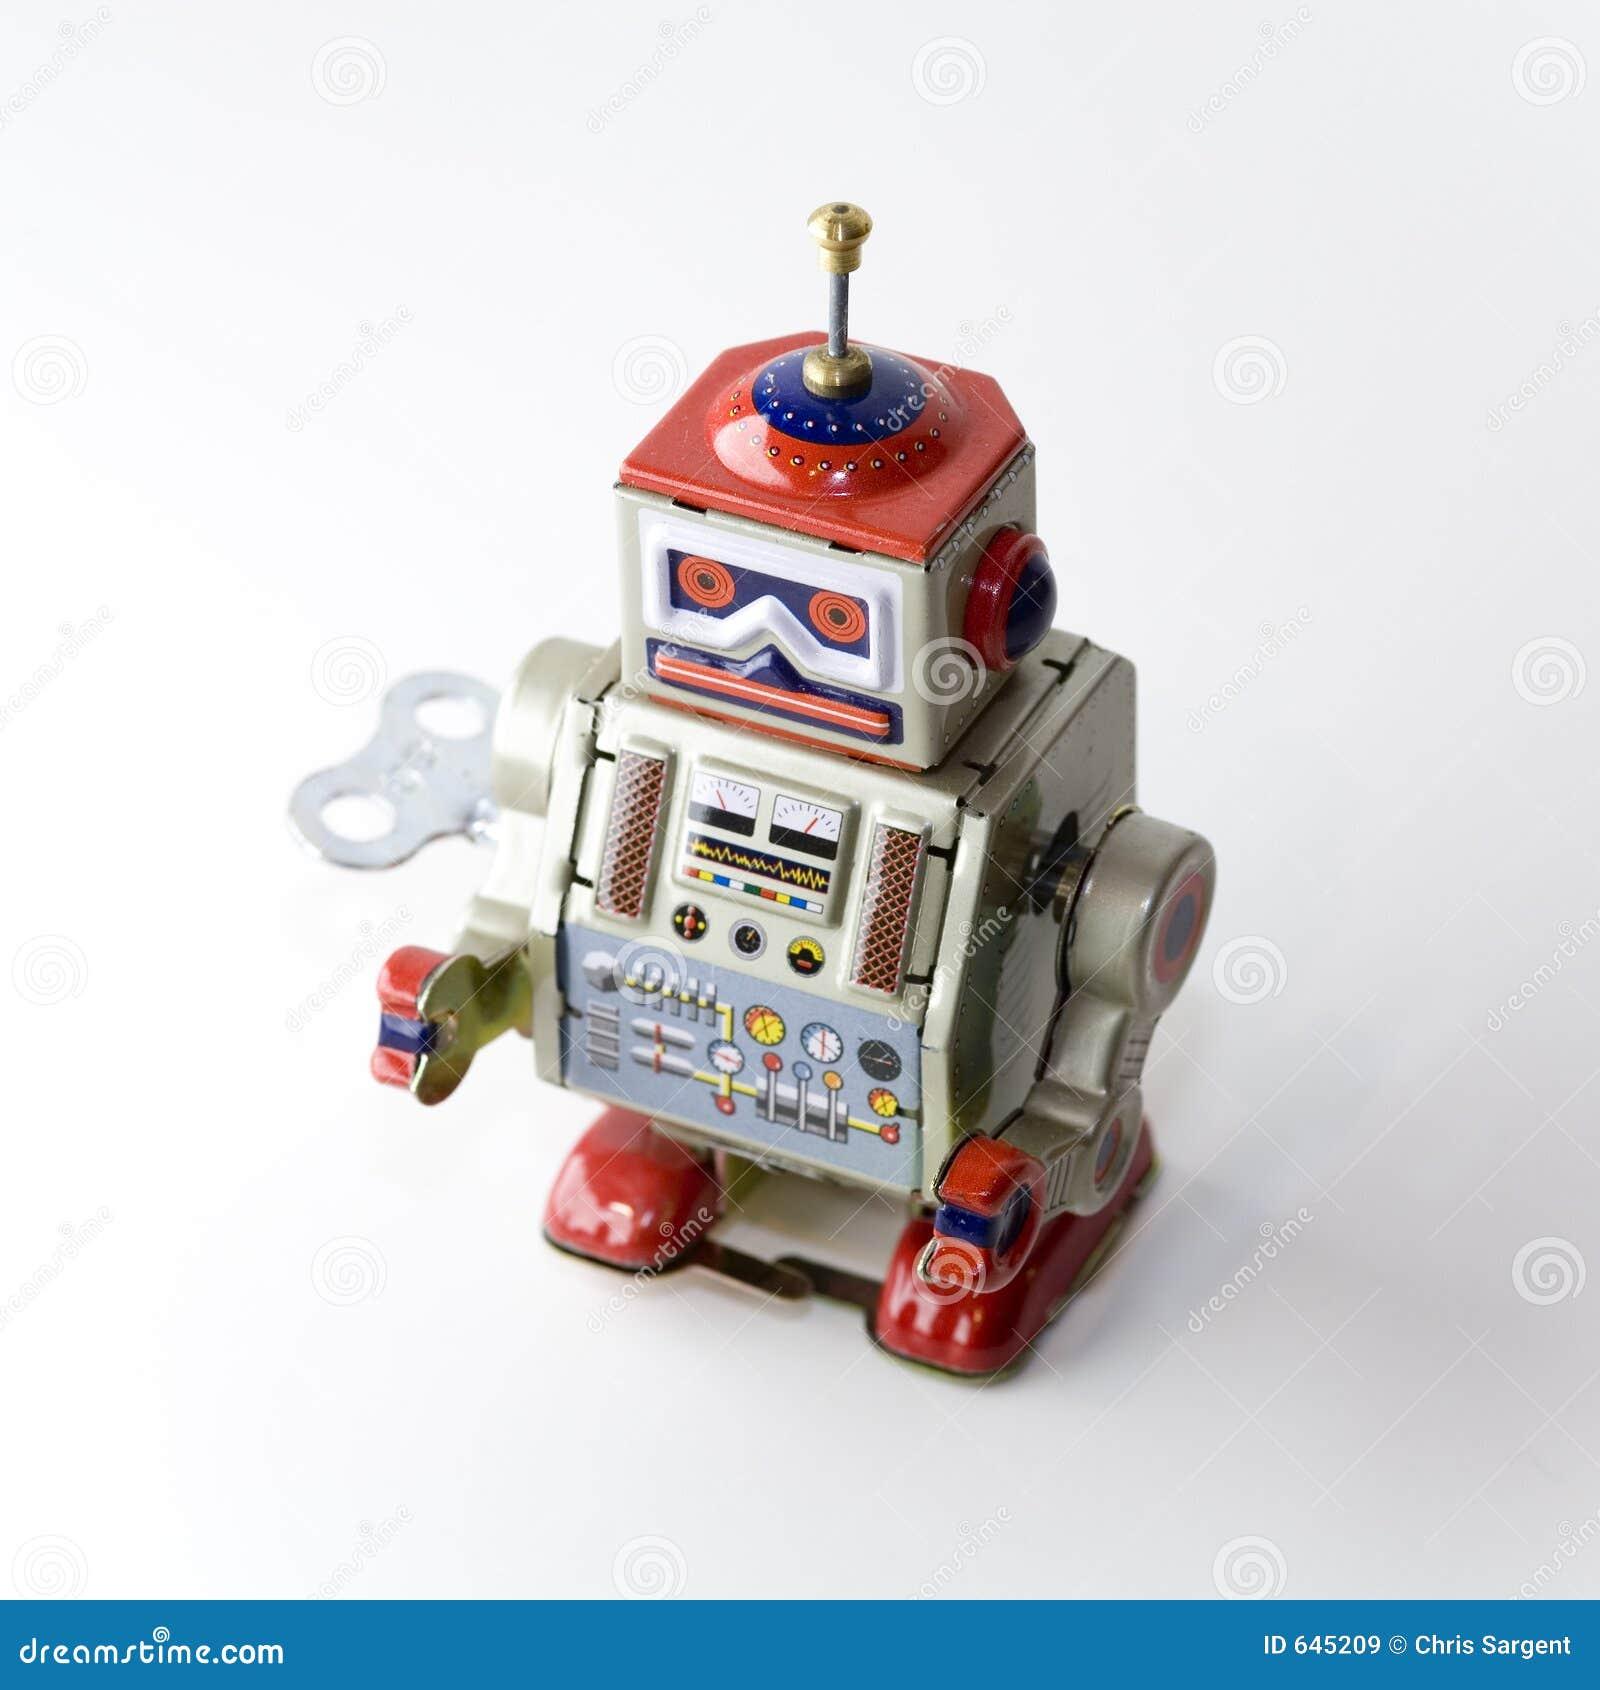 钟表机构可收帐的机器人玩具